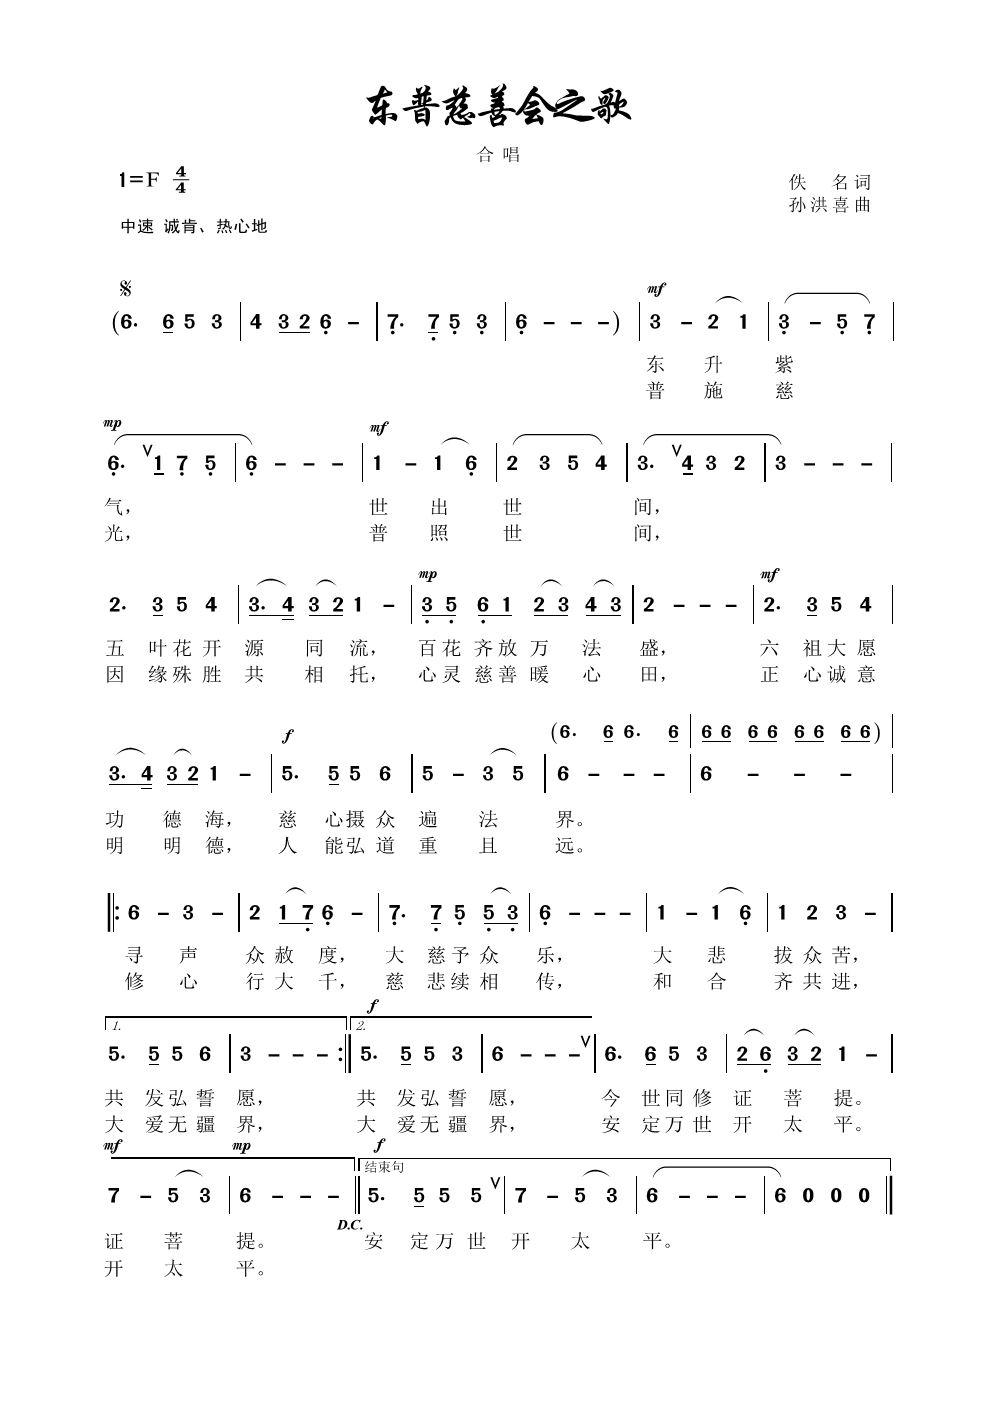 习作之九 上传合唱谱 东普慈善会之歌 ,请老师 谱友点评 制谱展评 制